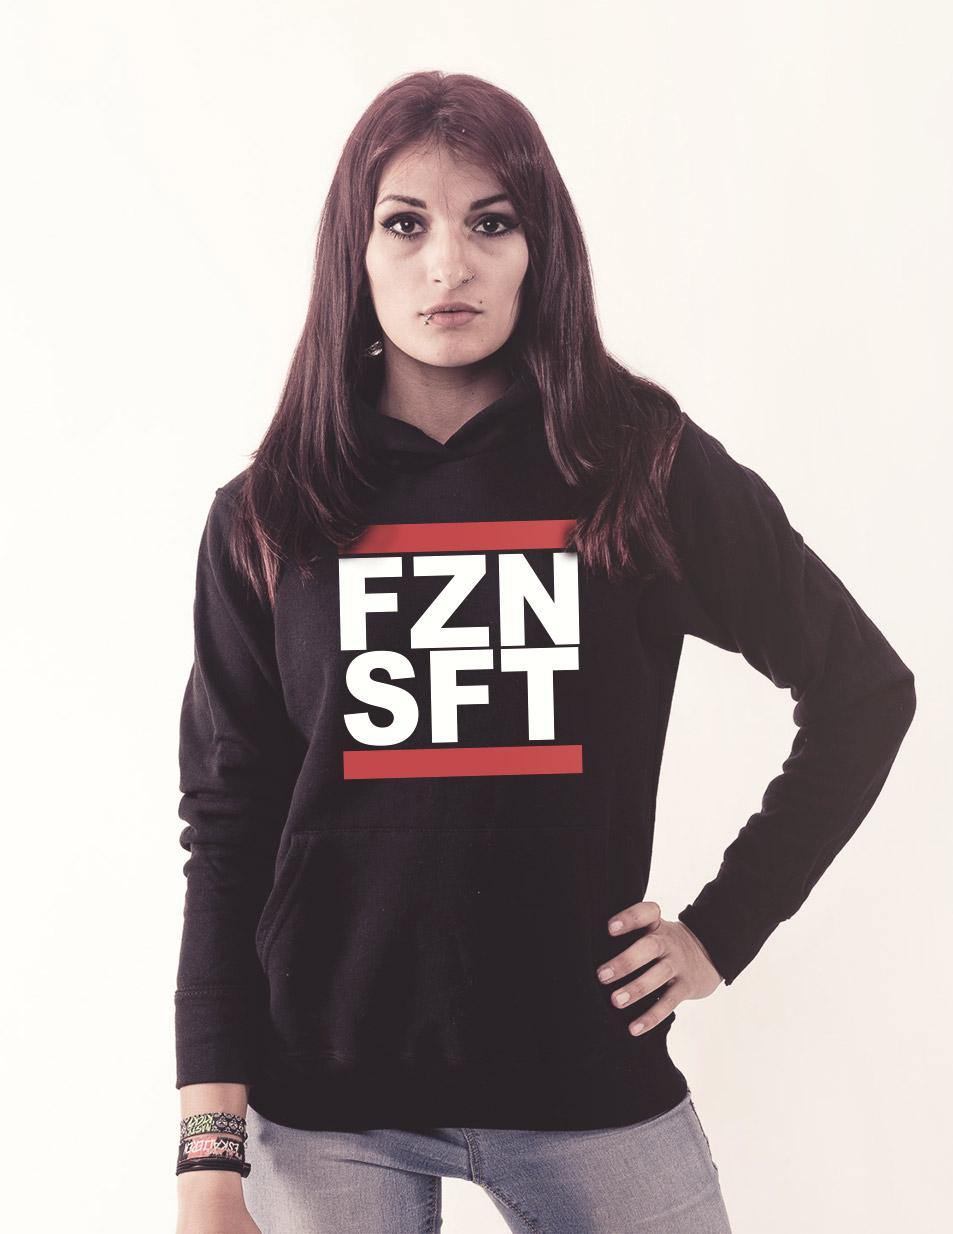 FZNSFT Girly Kappu mehrfarbig auf schwarz